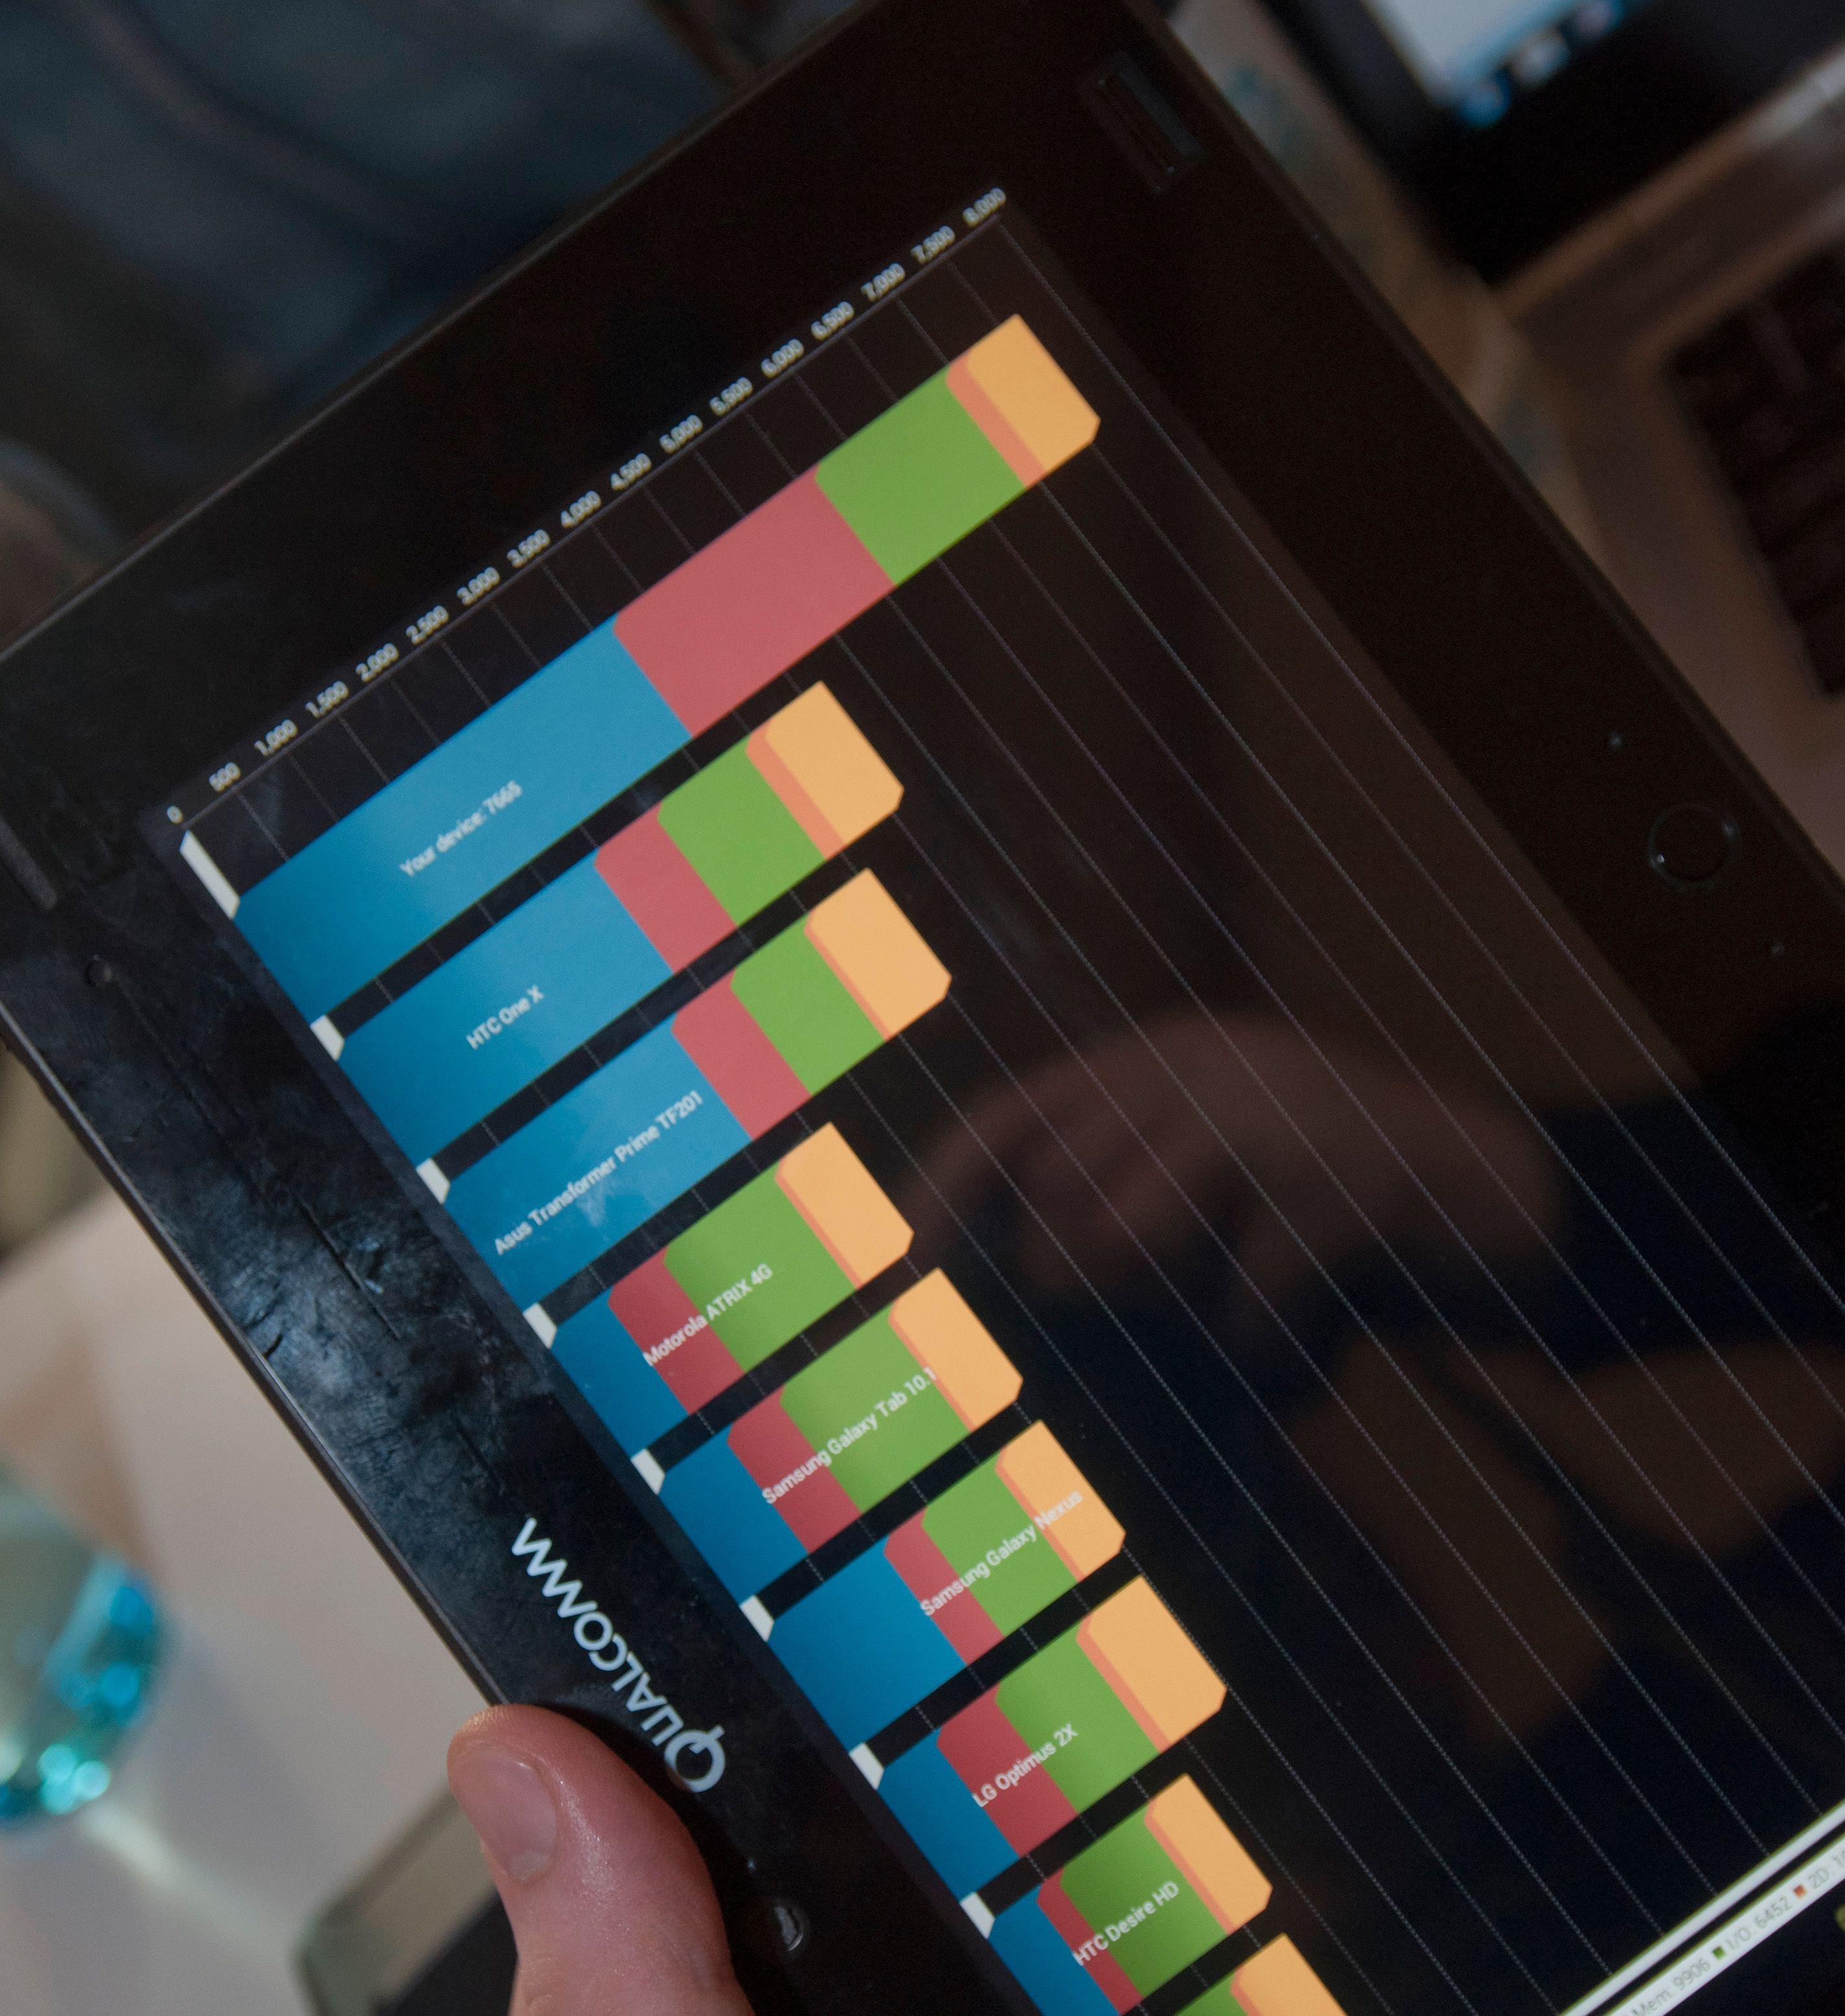 Brettet gjør det også meget bra i Quadrant 2, selv om avstanden ned til Samsungs heftigste nettbrett ikke er så fryktelig lang i denne testen.